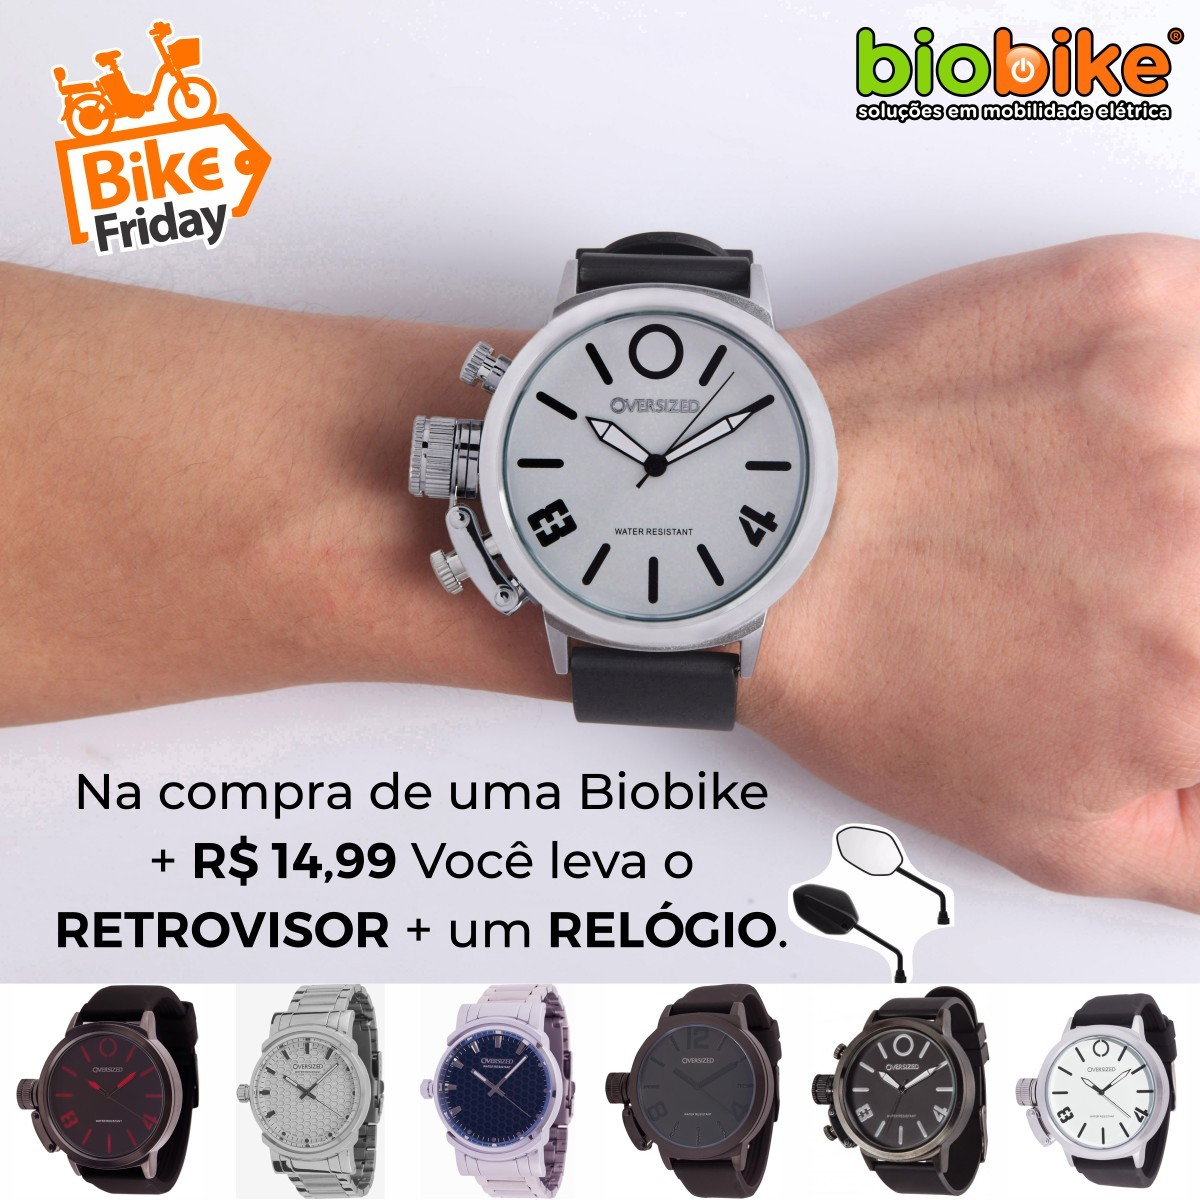 Kit Bike Friday Biobike 2020